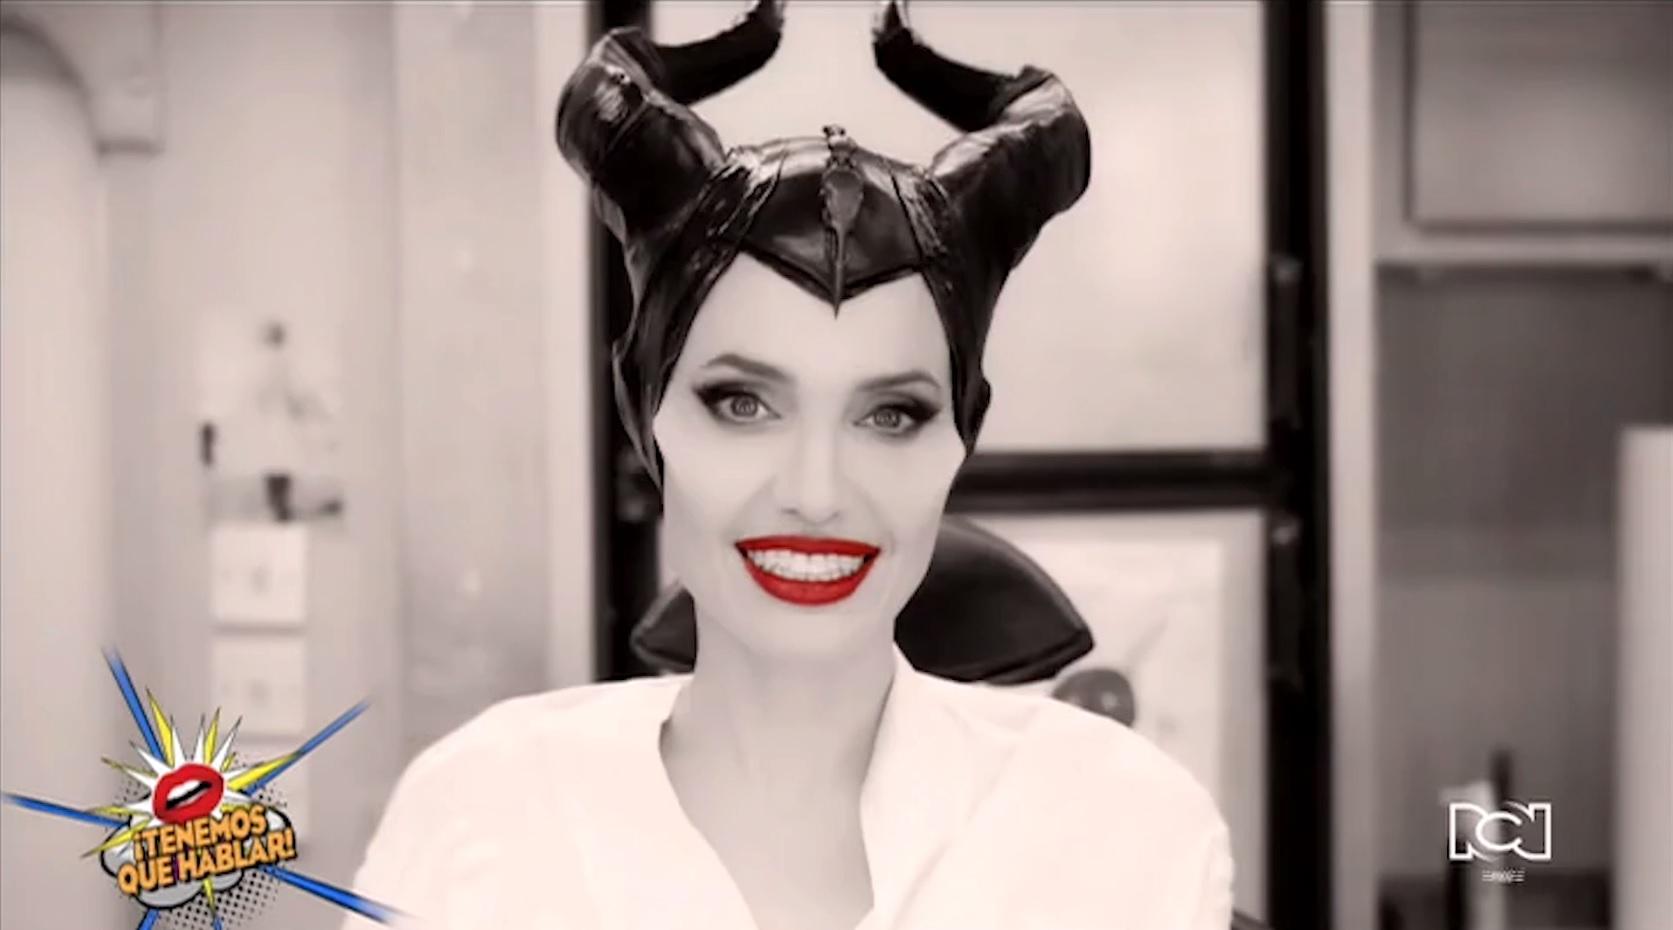 Walt Disney Pictures muestra en video el proceso de maquillaje para convertir a Angelina Jolie en Malefica